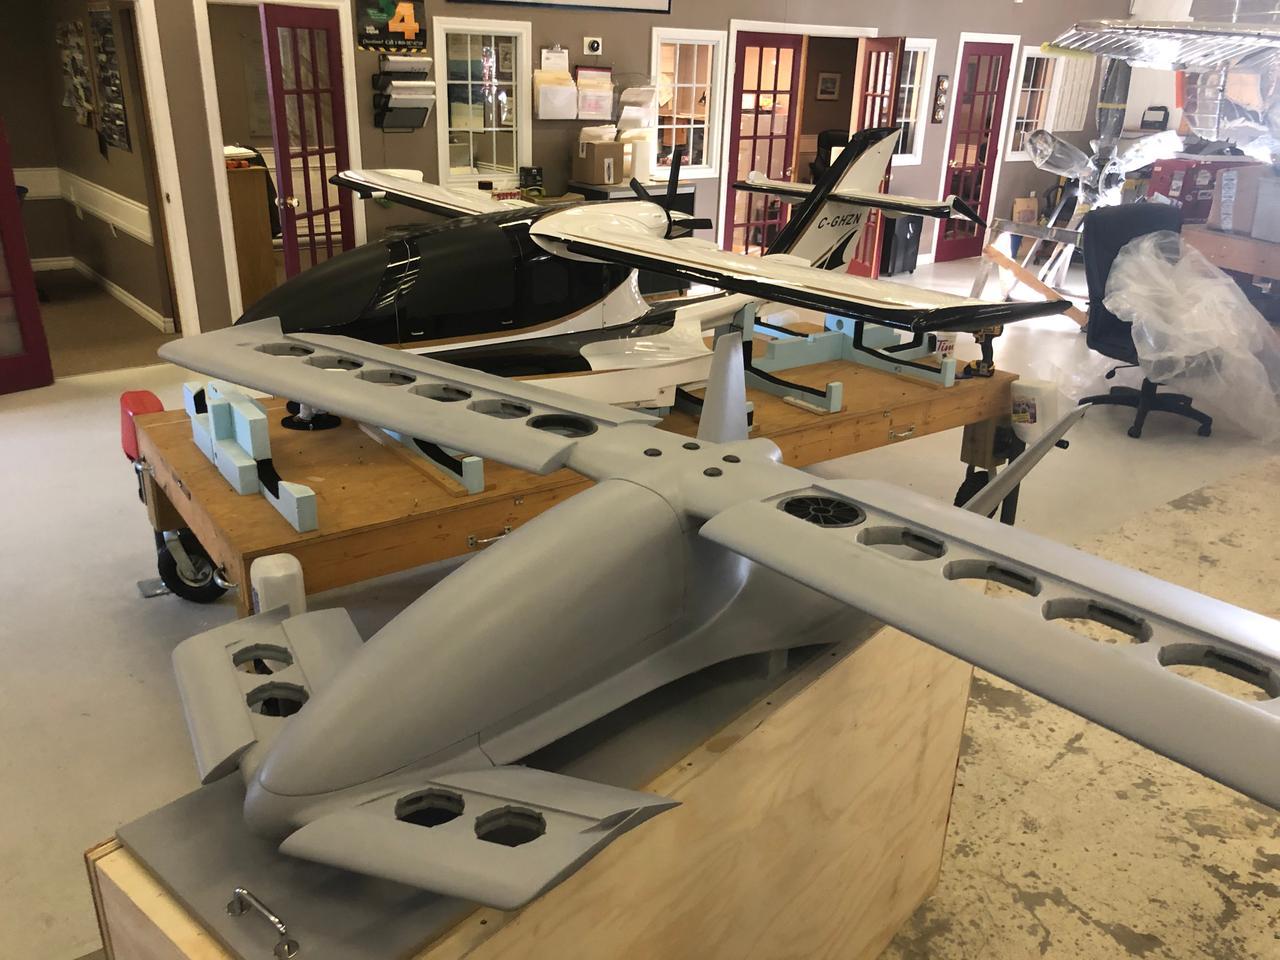 El prototipo Cavorite X5 a escala 1: 6, junto con un prototipo de avión anfibio X3 a escala 1: 4 anterior